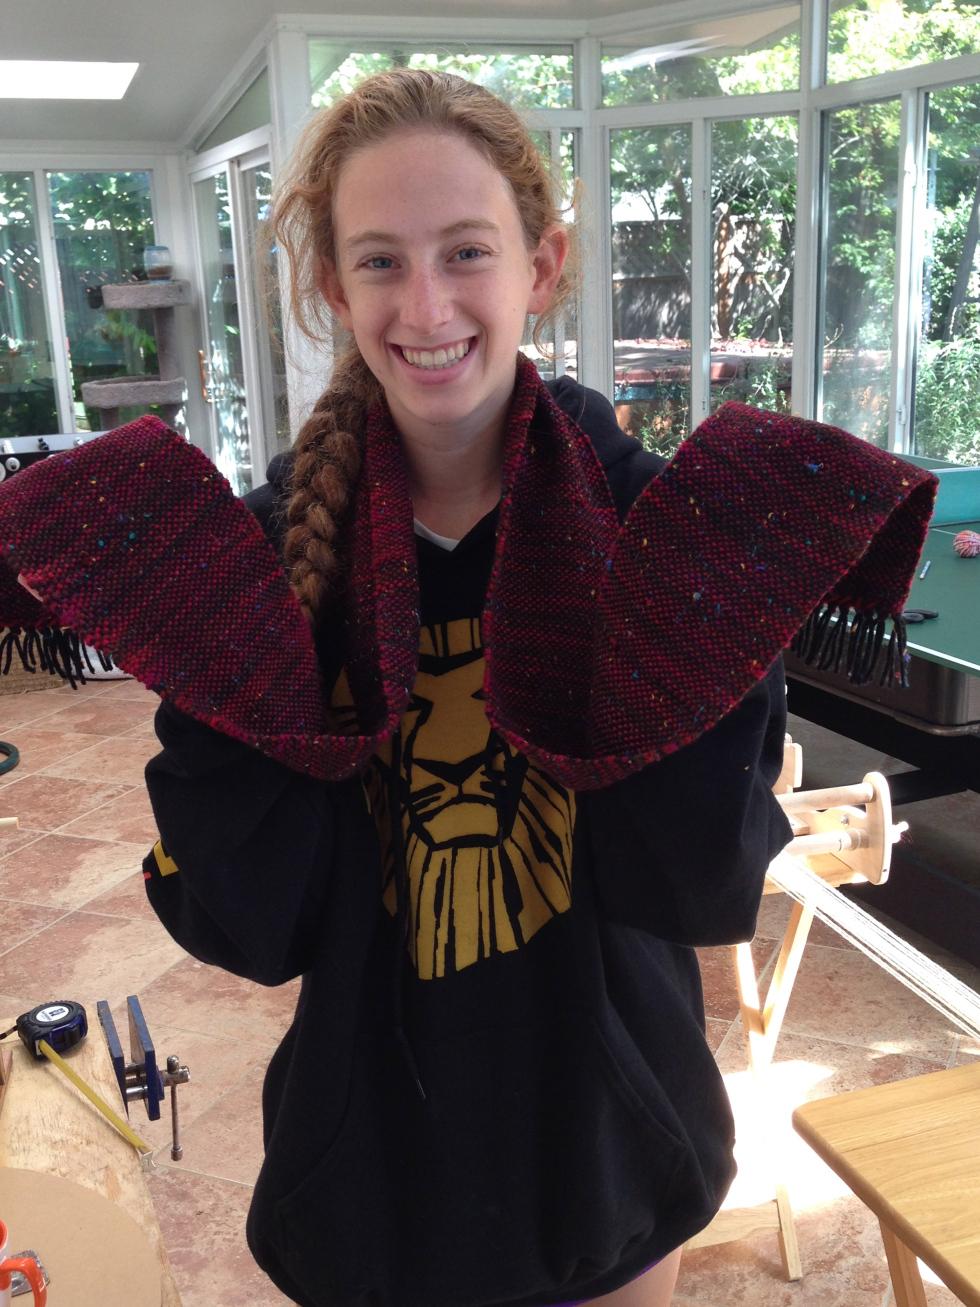 11th grader scarf